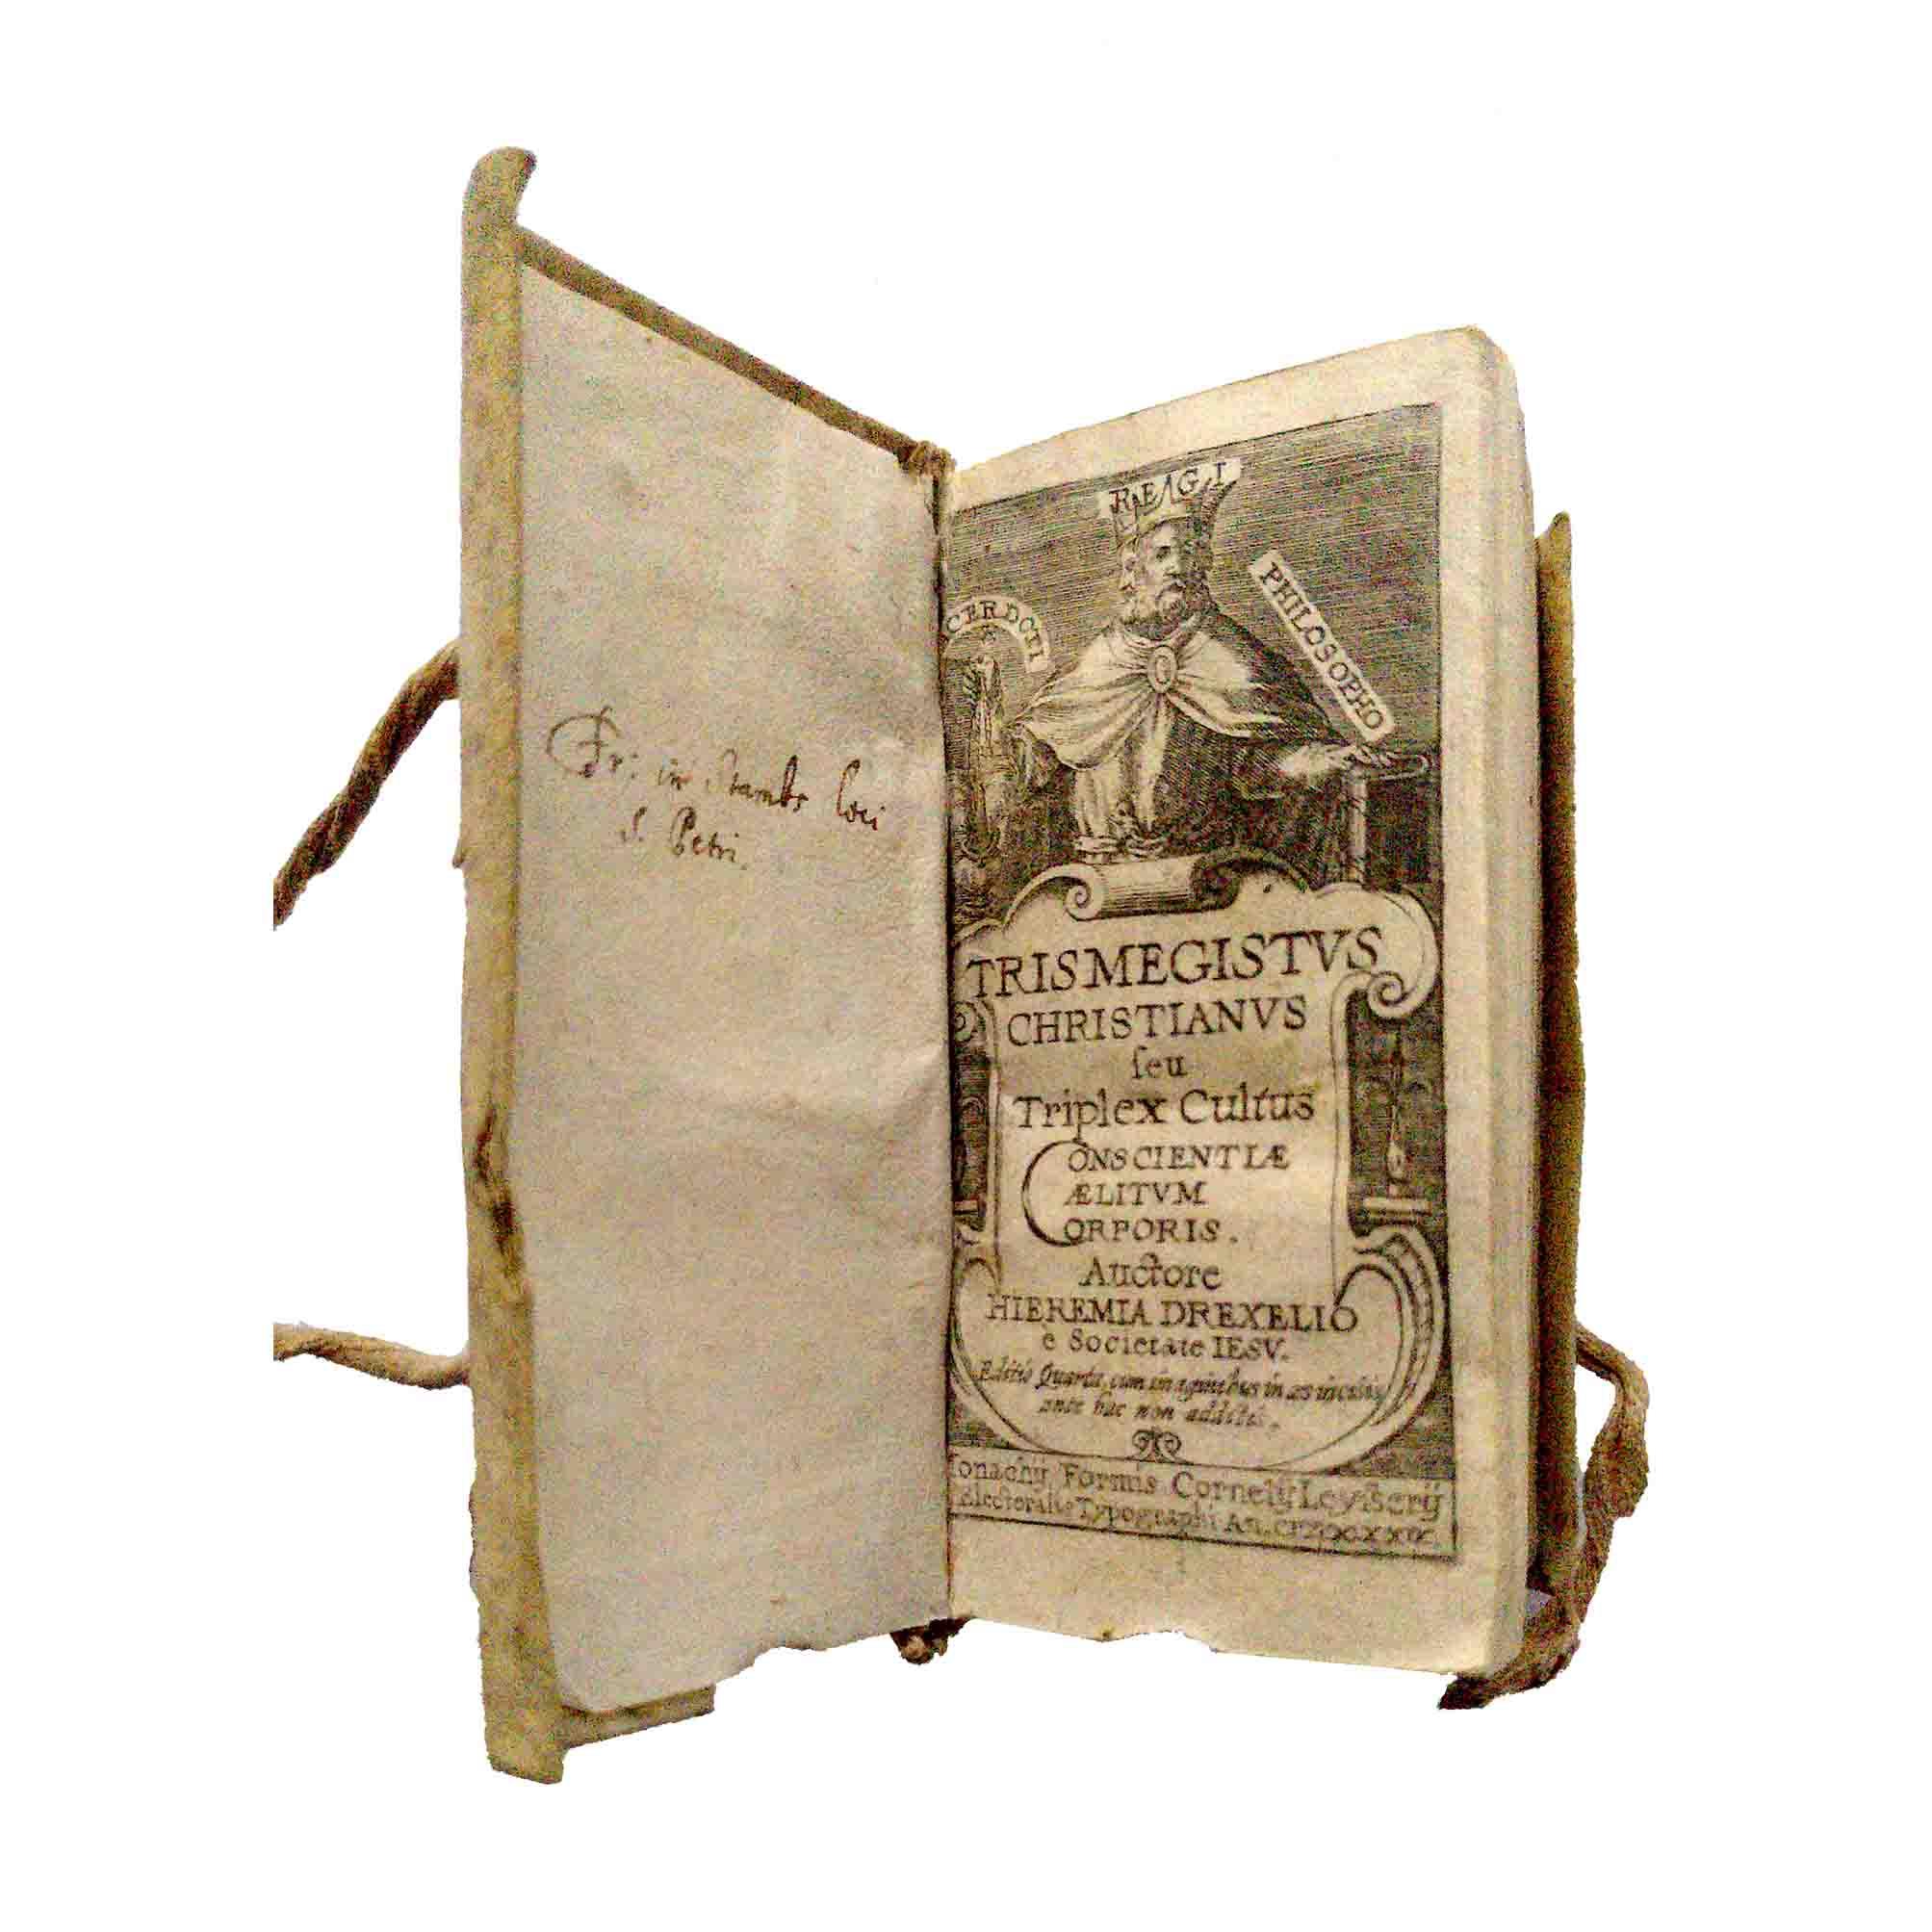 5348-Drexler-Trismegistus-1629-Titelblatt-frei-N.jpg